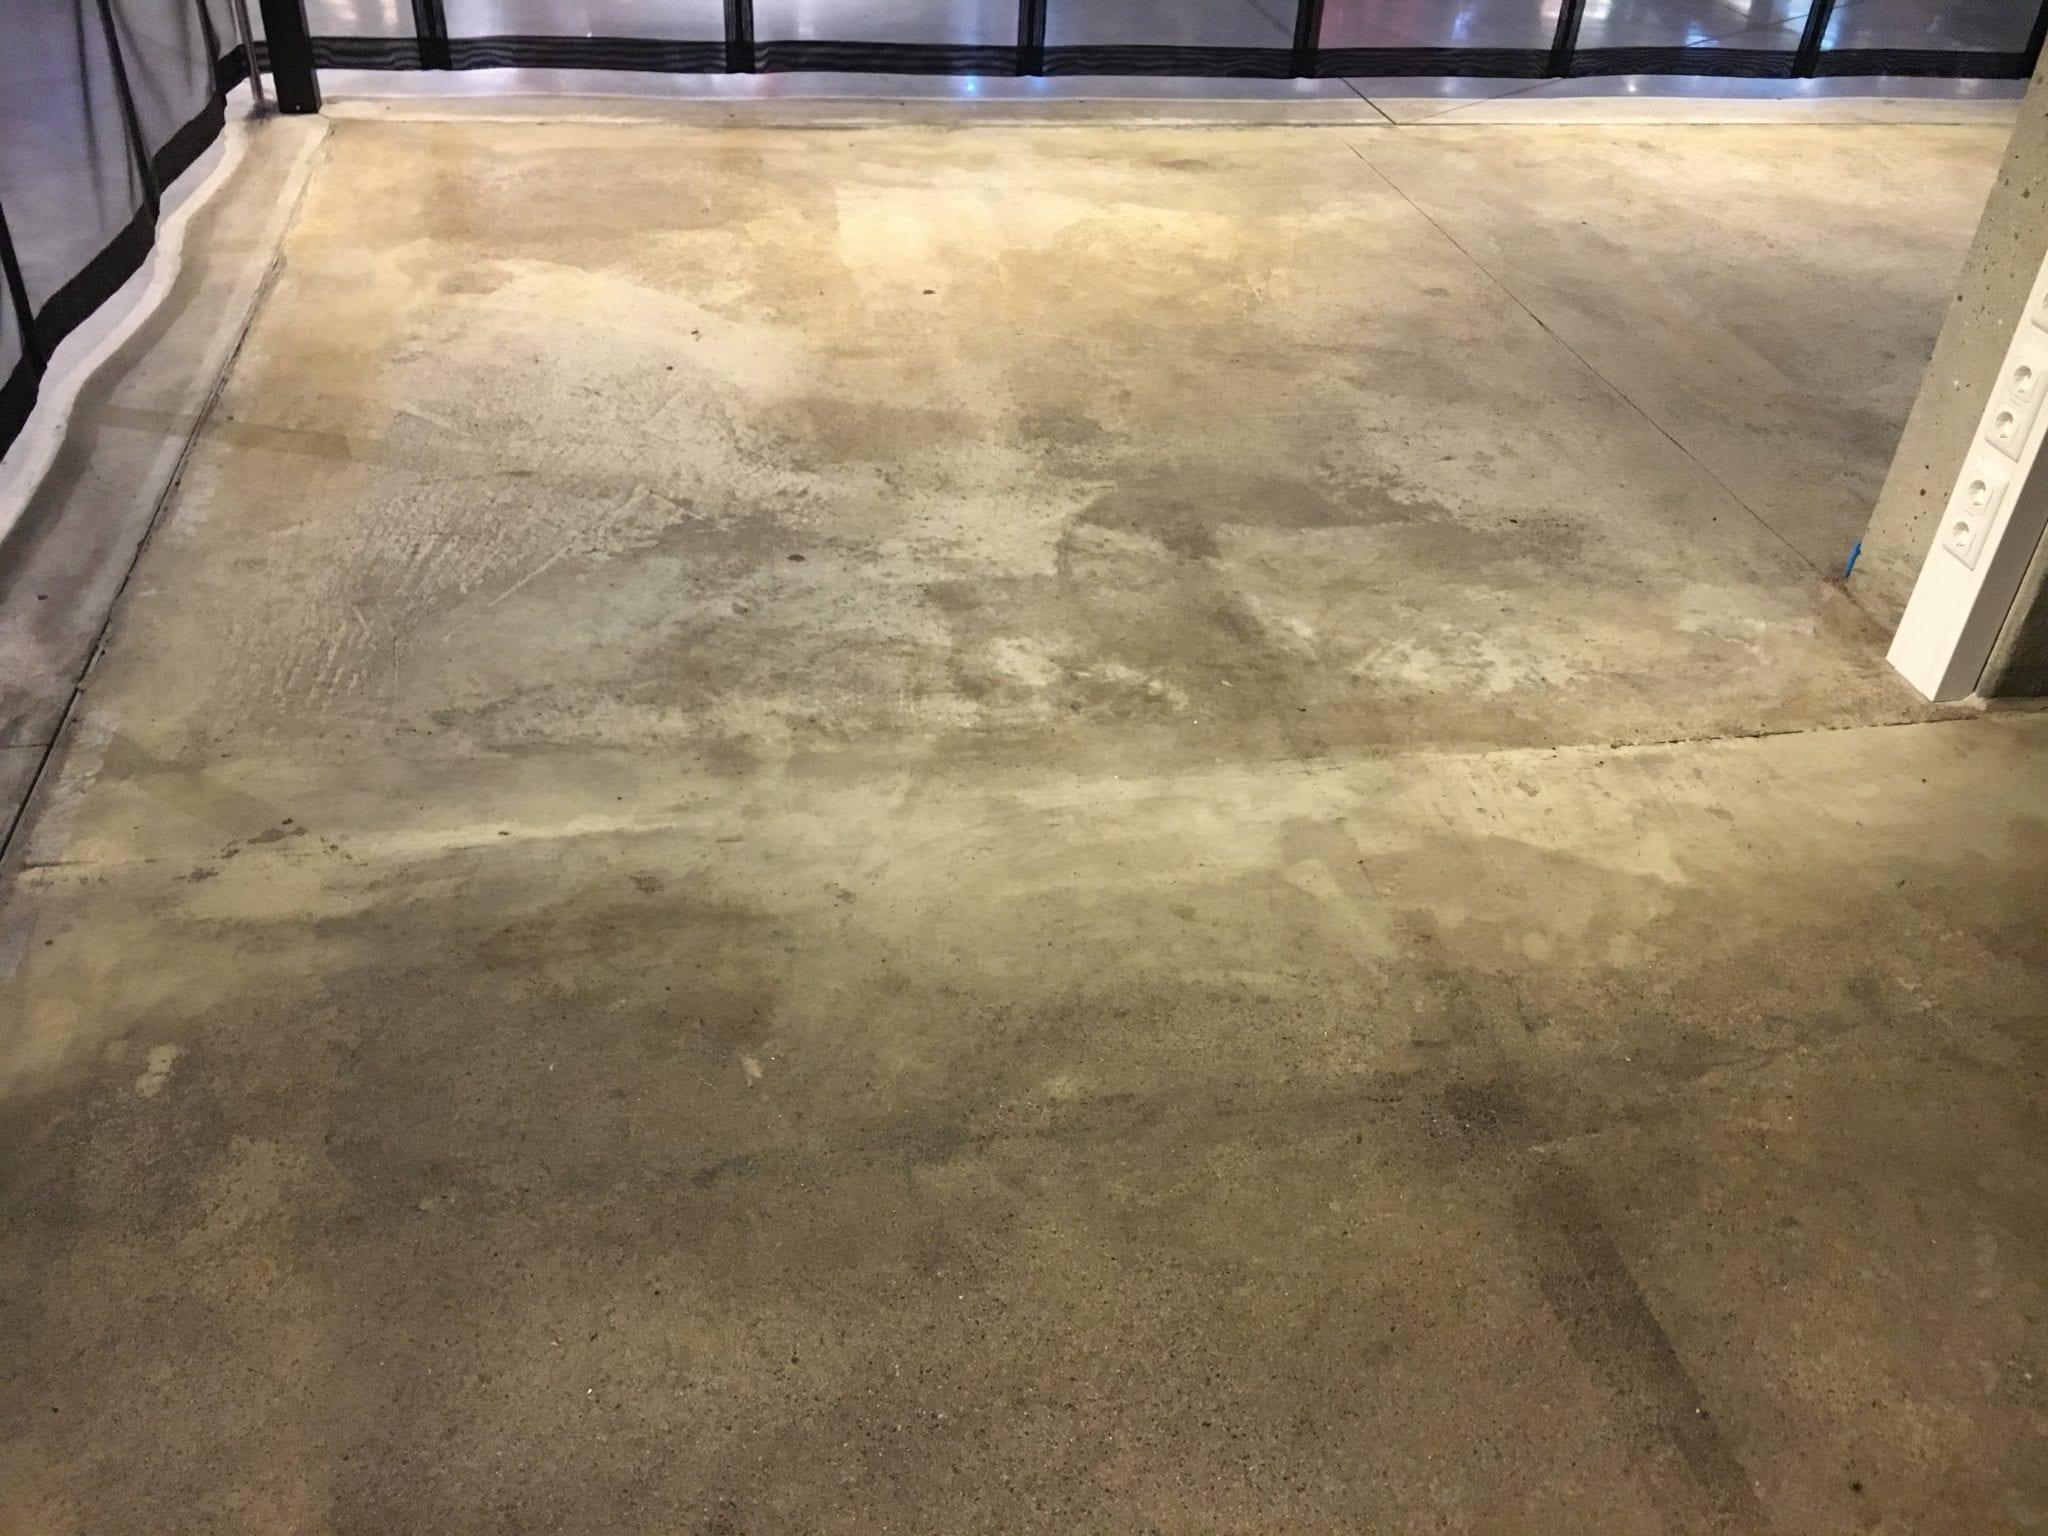 Anspruchsvoll Fugenloser Fußboden Das Beste Von Betonoptik Fugenlose Böden Hamburg